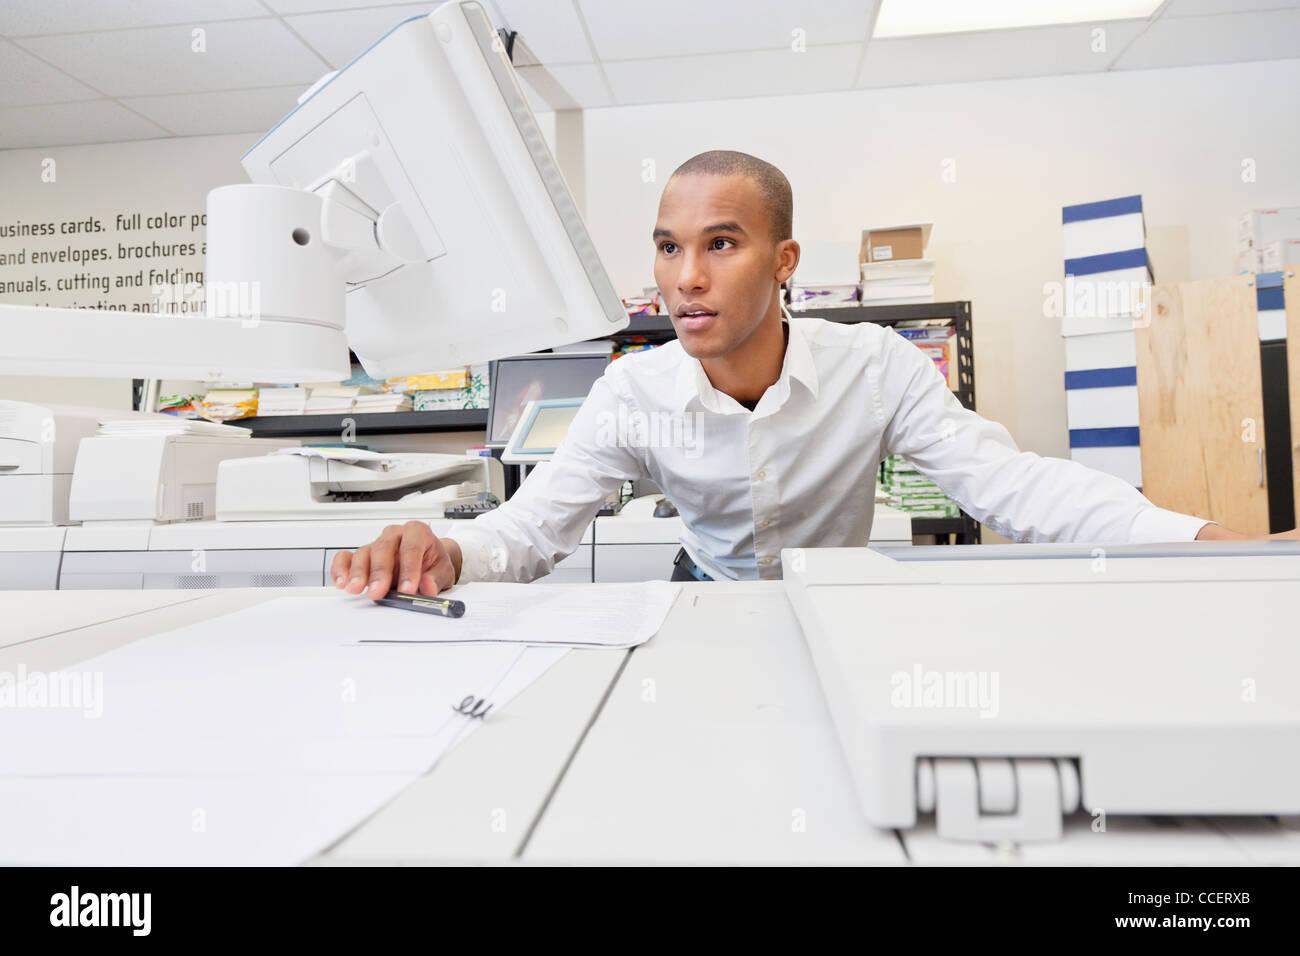 Hombre mirando la pantalla visual Imagen De Stock